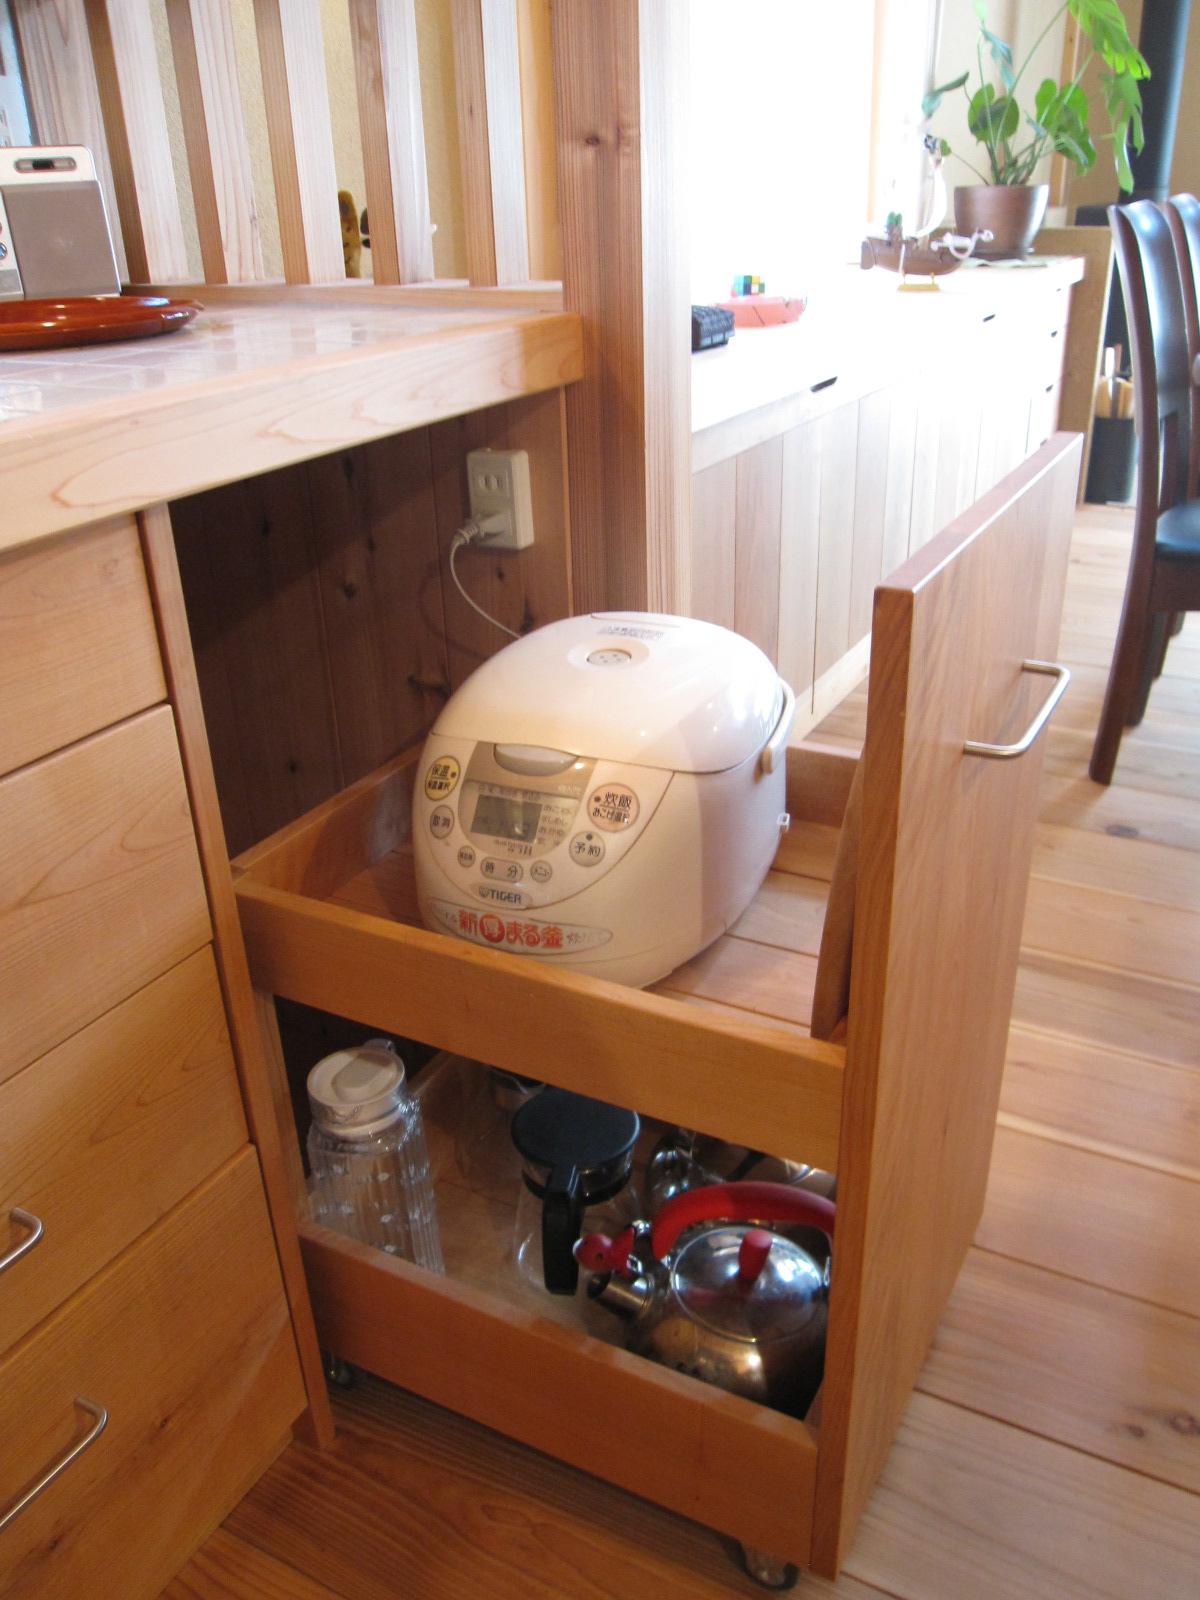 キッチン キッチン 電子レンジ 棚 : ・電子レンジ周りのキッチン ...